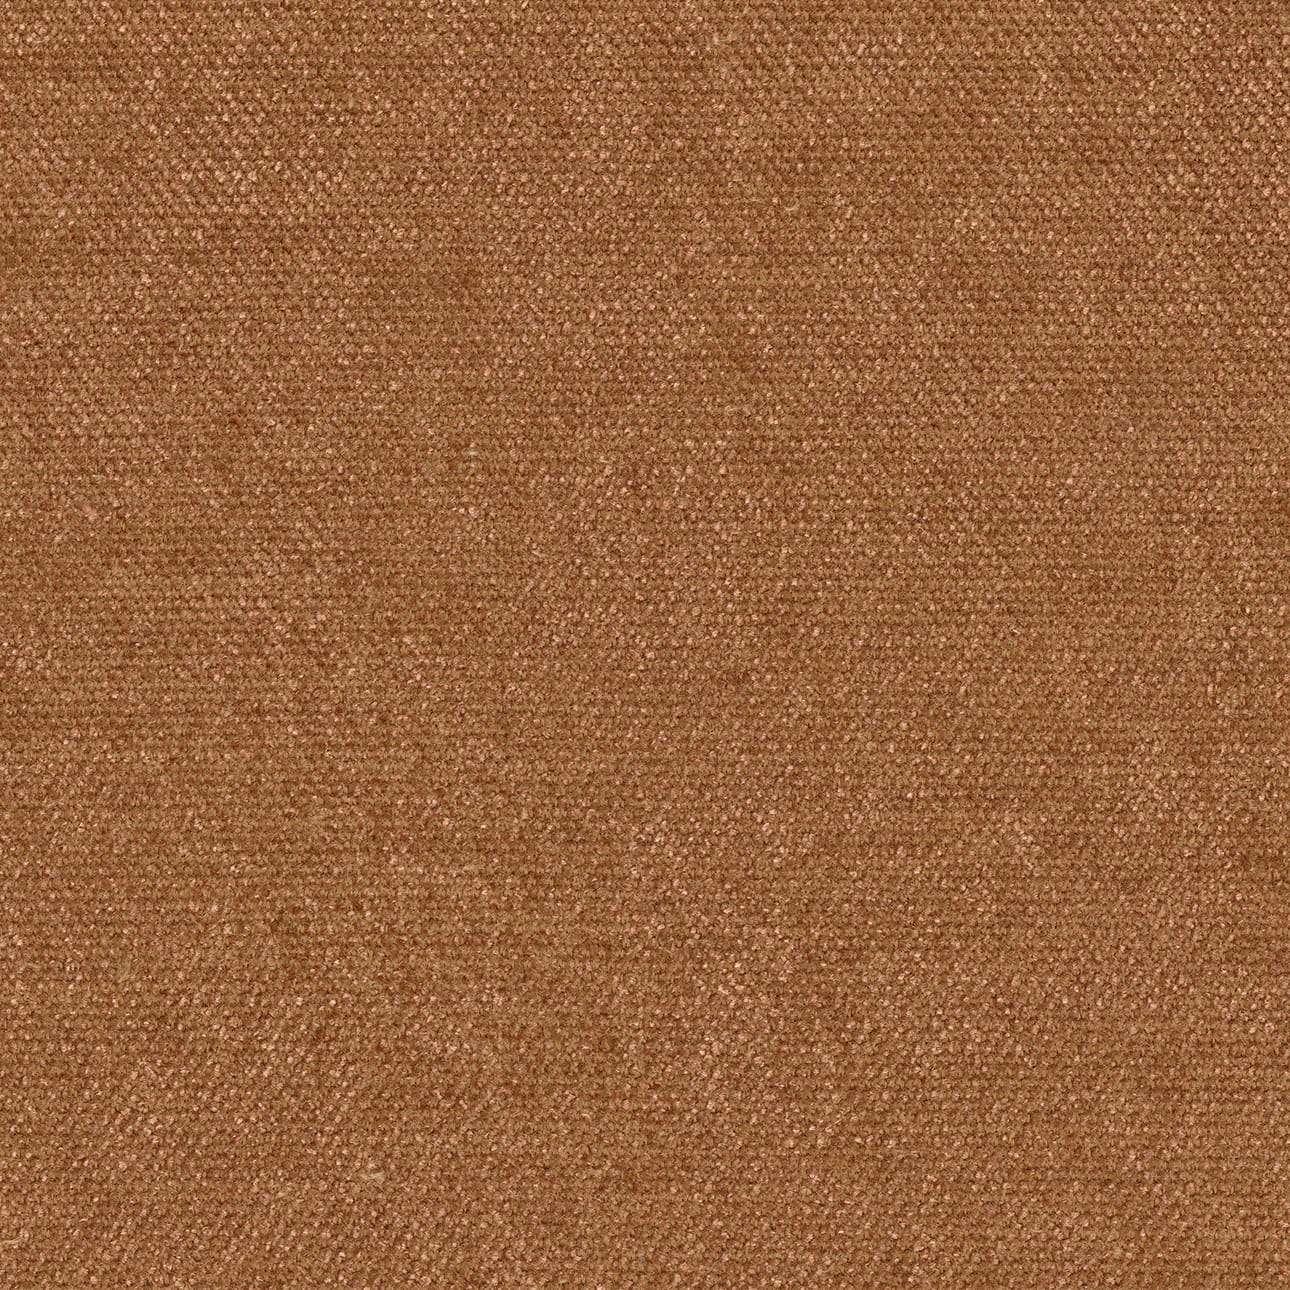 Pokrowiec na sofę Karlanda rozkładaną, krótki w kolekcji Living, tkanina: 100-96